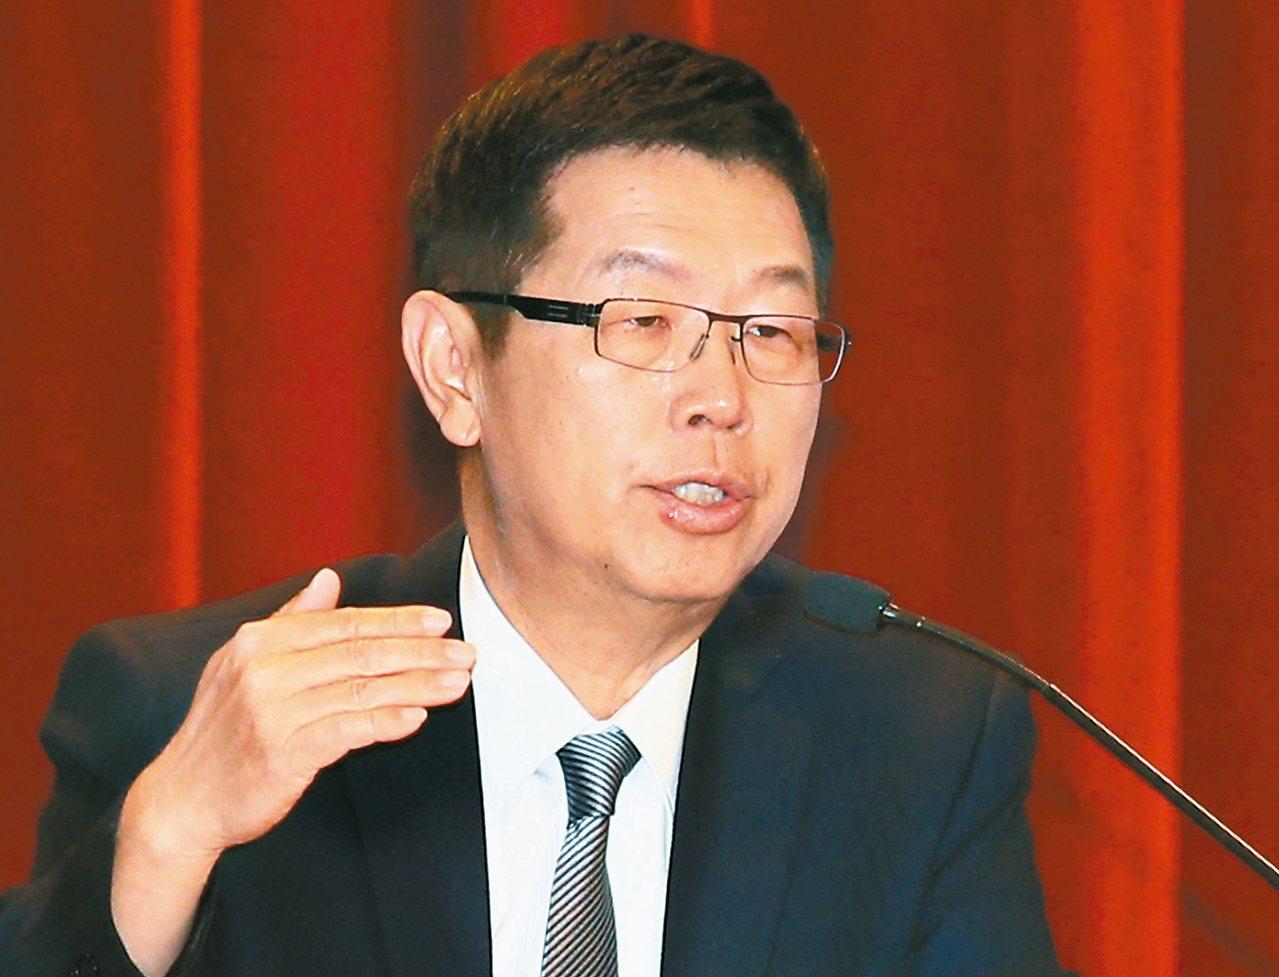 鴻海法說會後,股價陷入震盪,圖為董事長劉揚偉。 圖/聯合報系資料照片